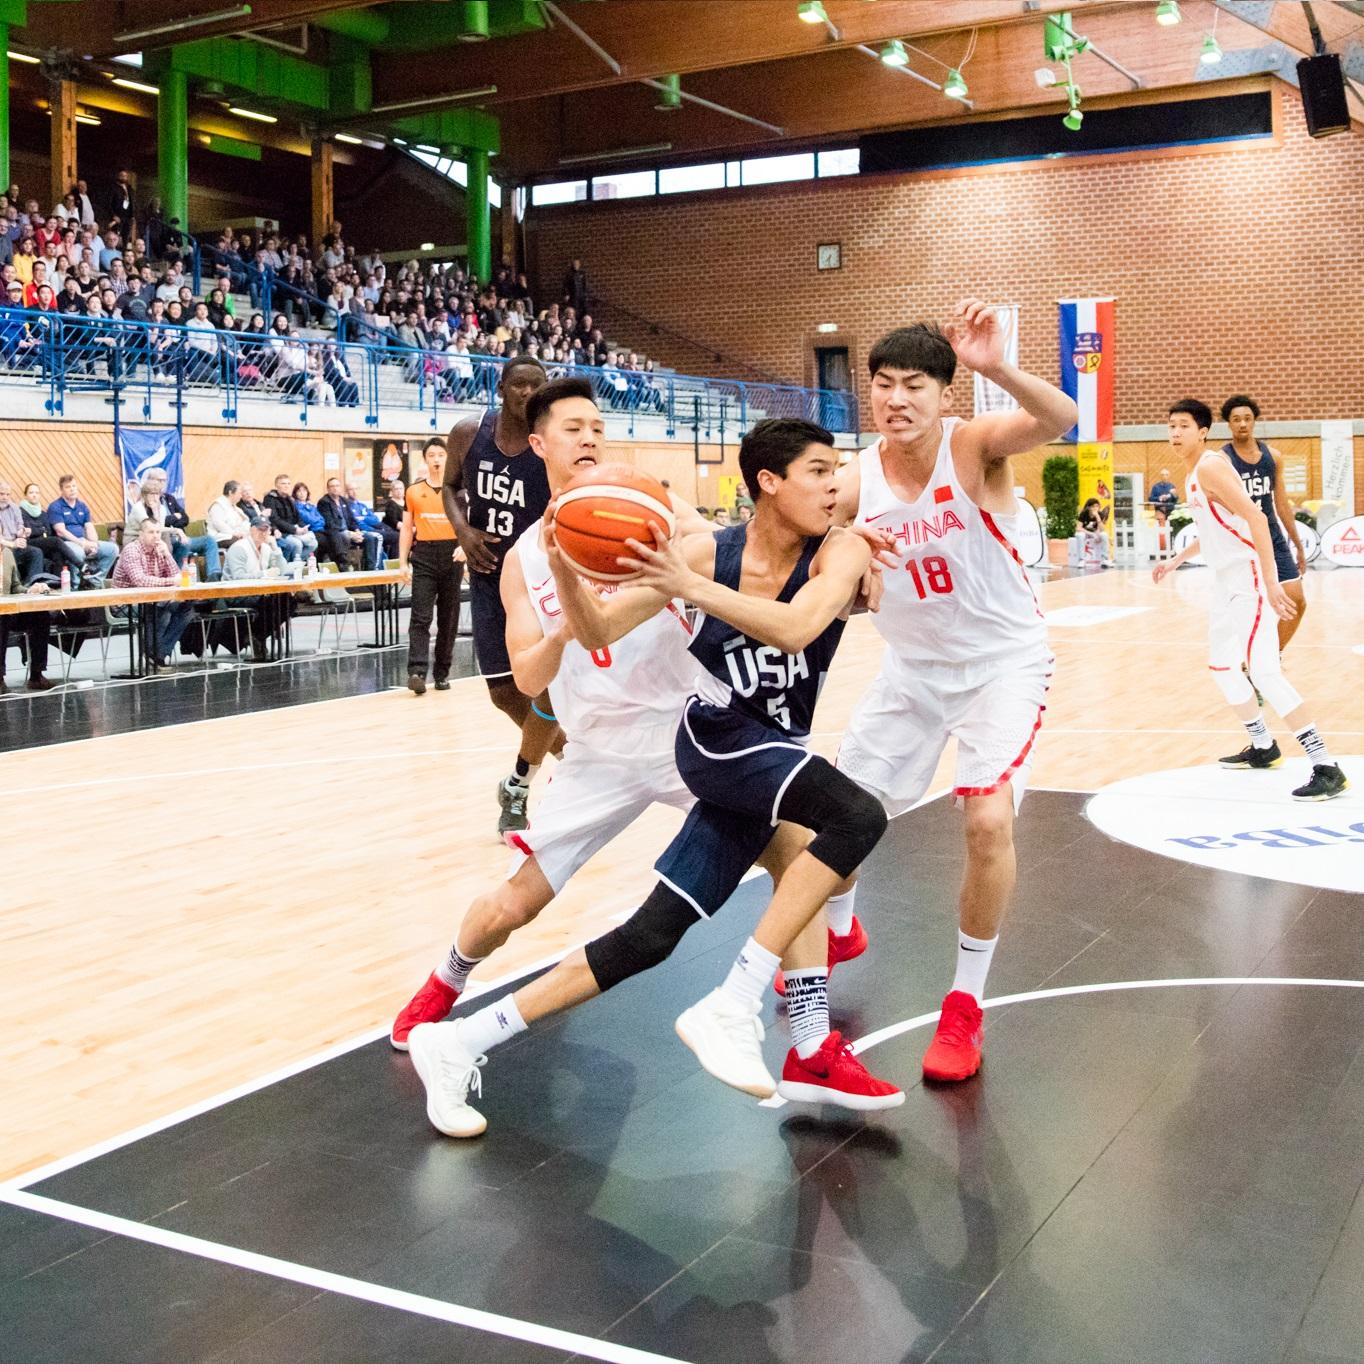 Ausgezeichnet Basketball Coaching Lebenslauf Proben Fotos - Entry ...